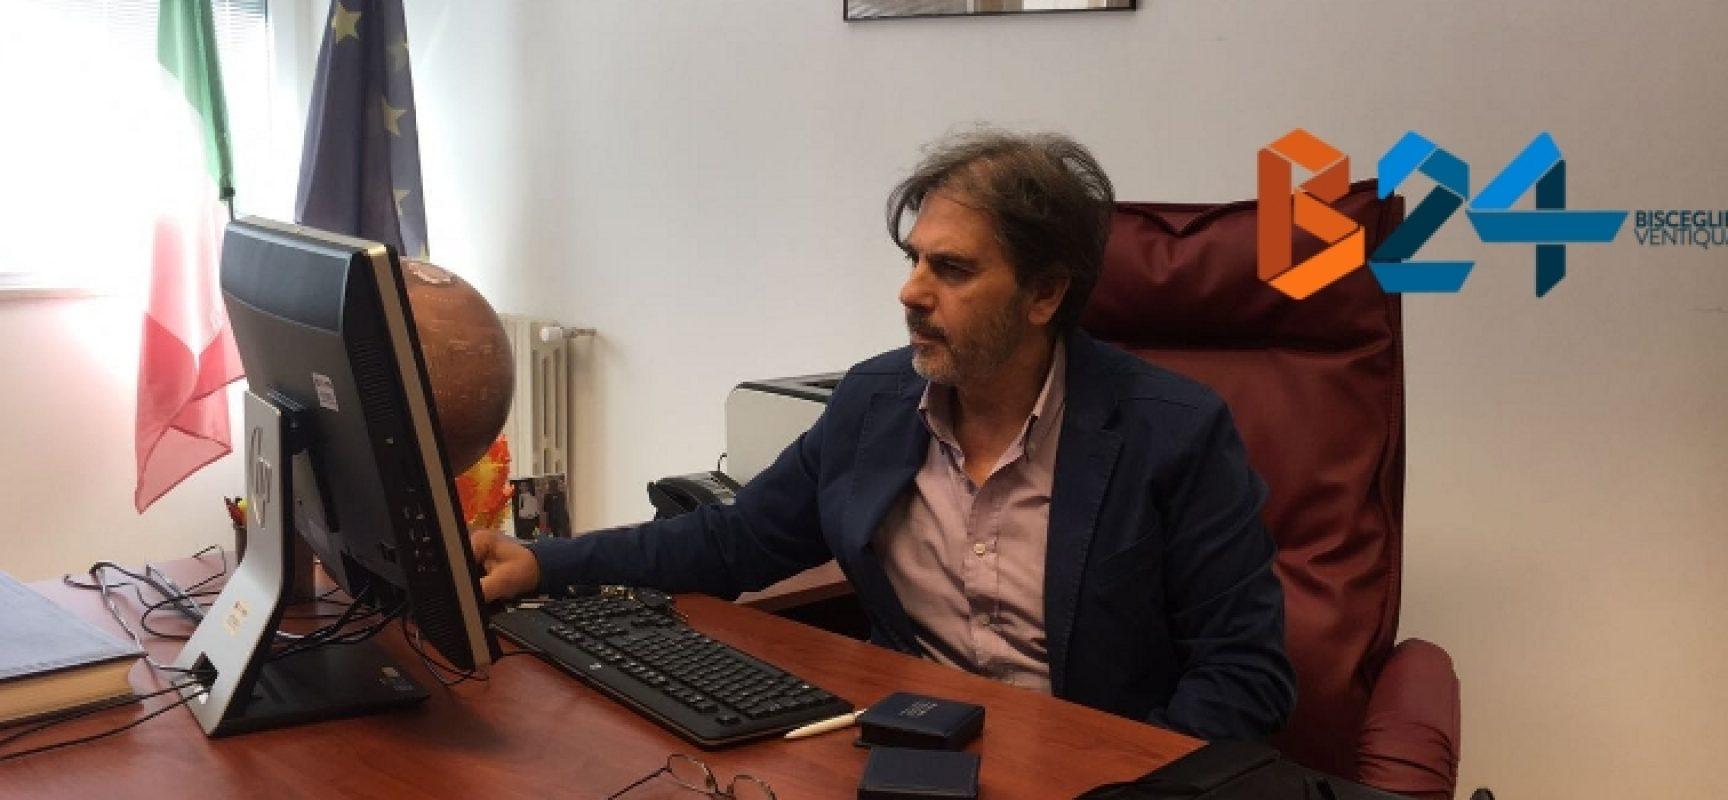 Nuovo anno al Cosmai, Musci: «Carenza di spazi e fondi pubblici ma iscrizioni in crescita»